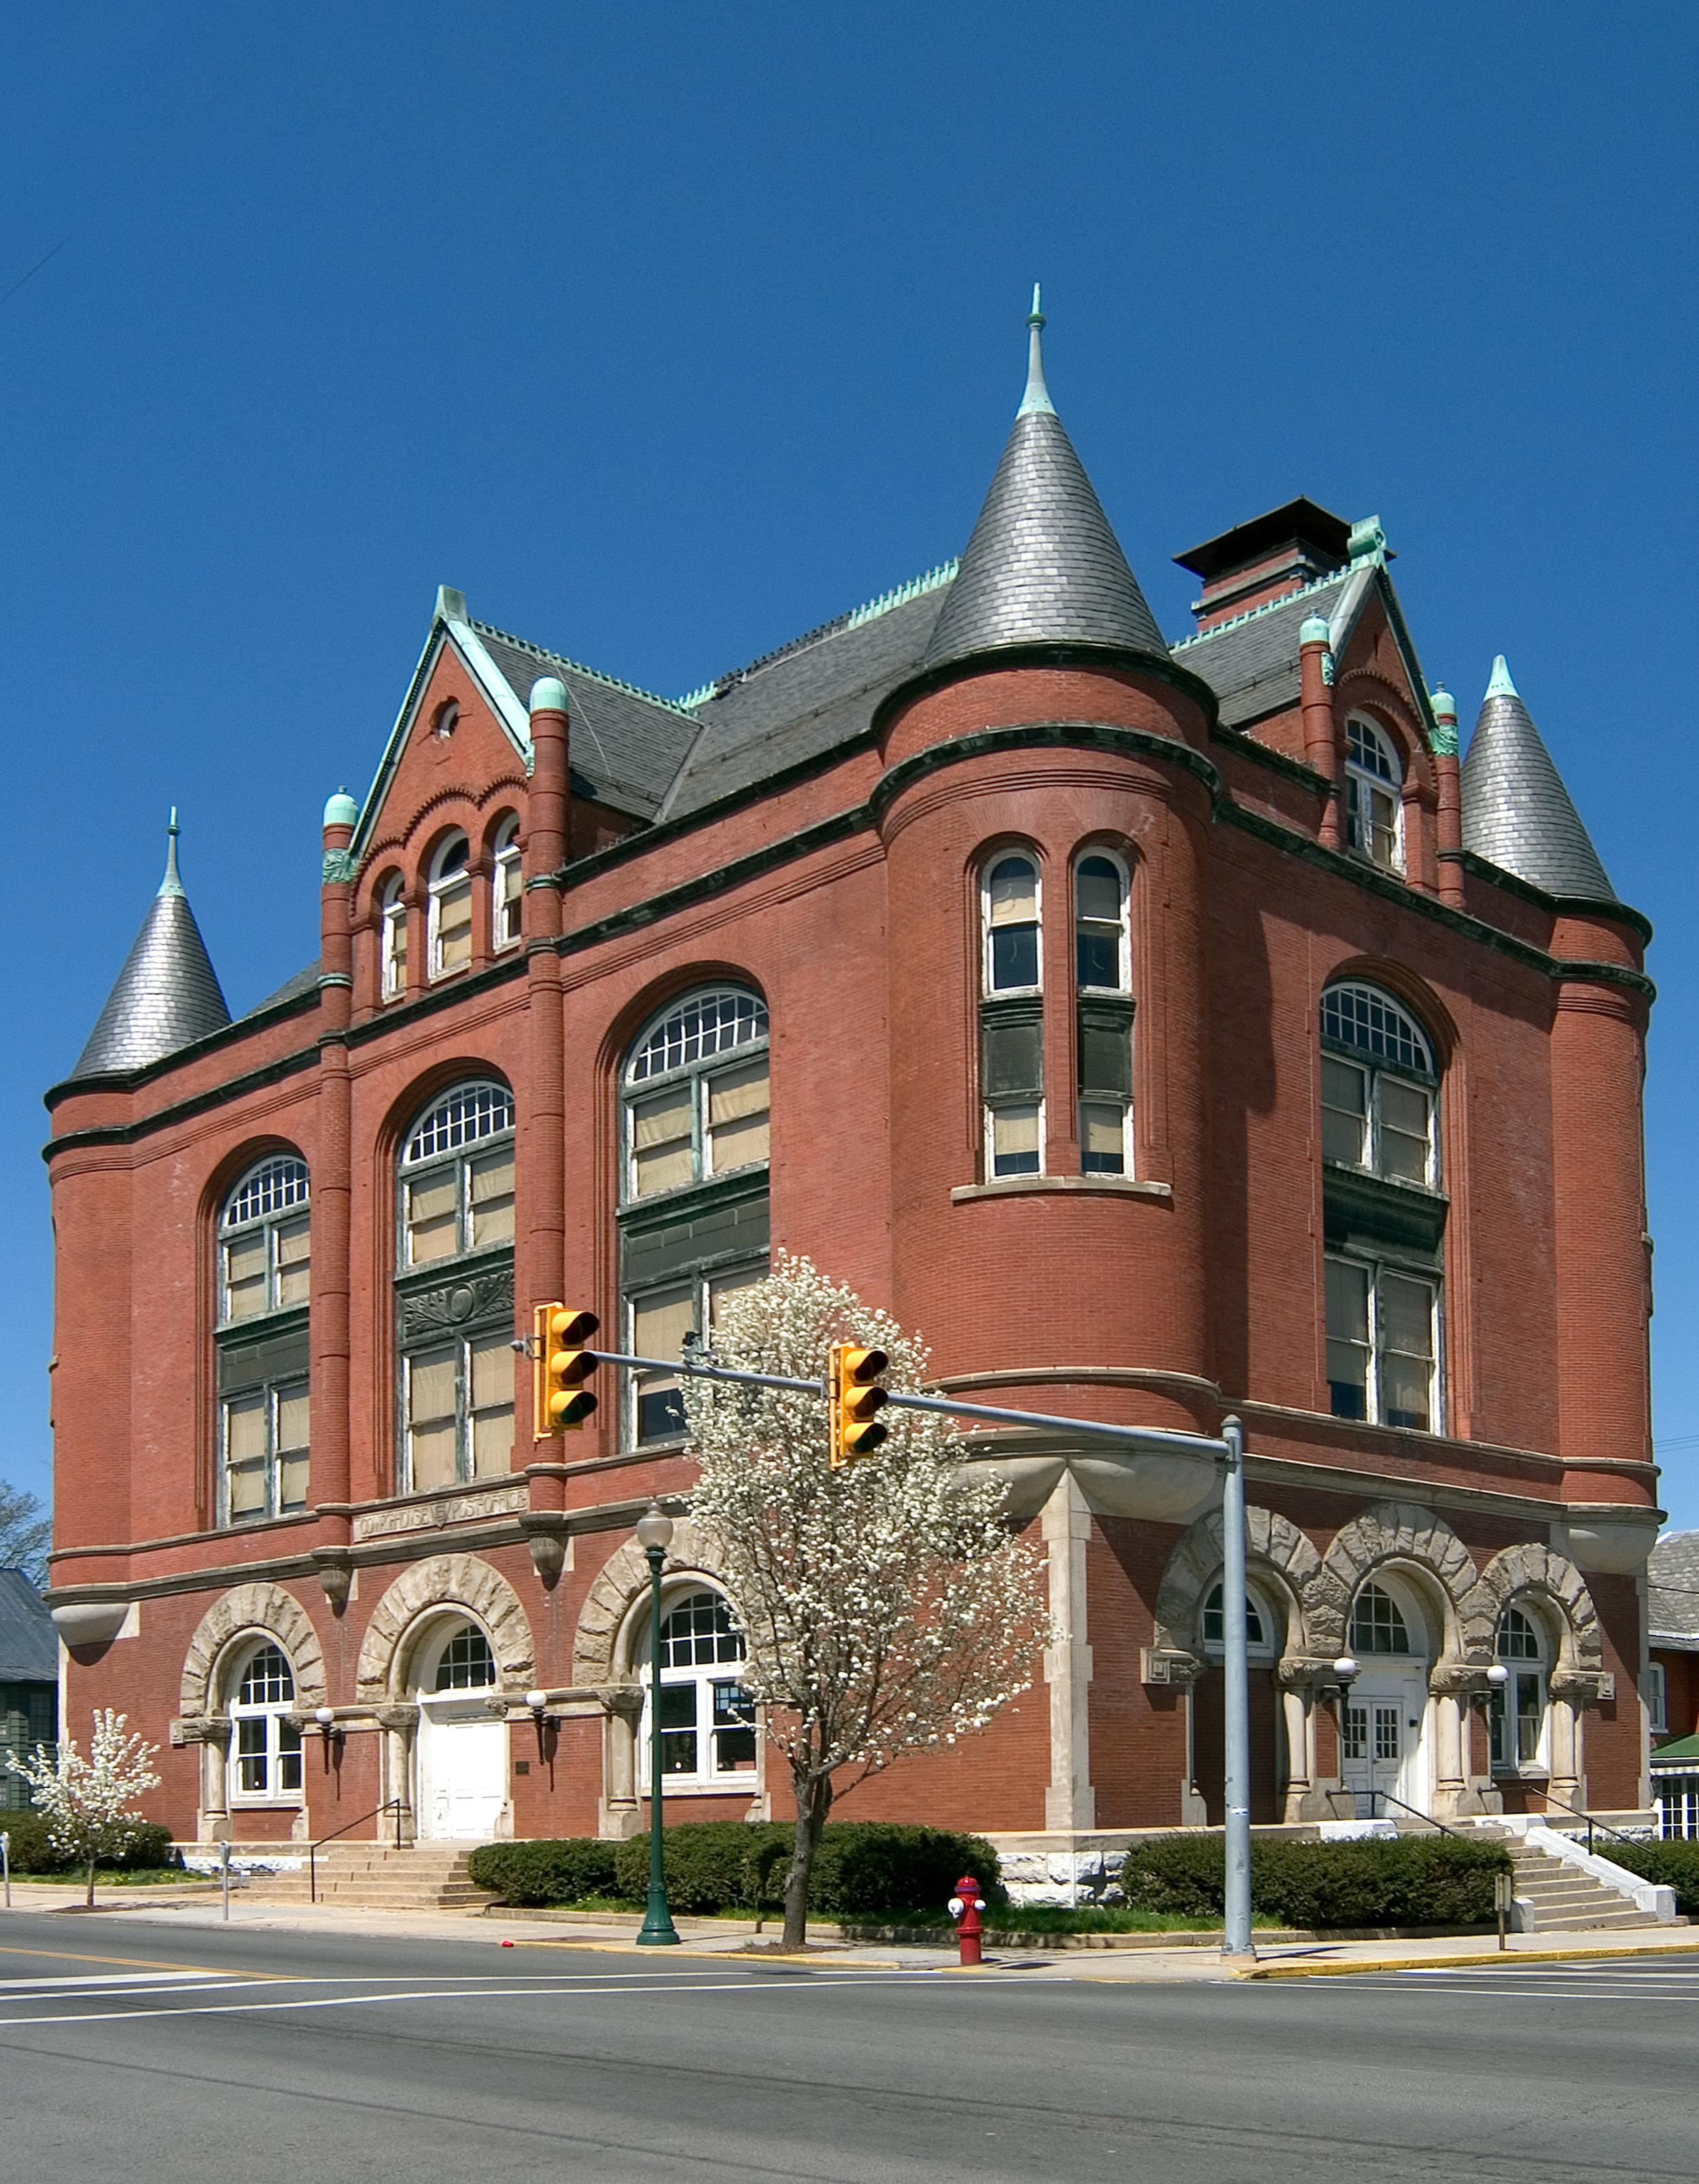 The Arts Centre